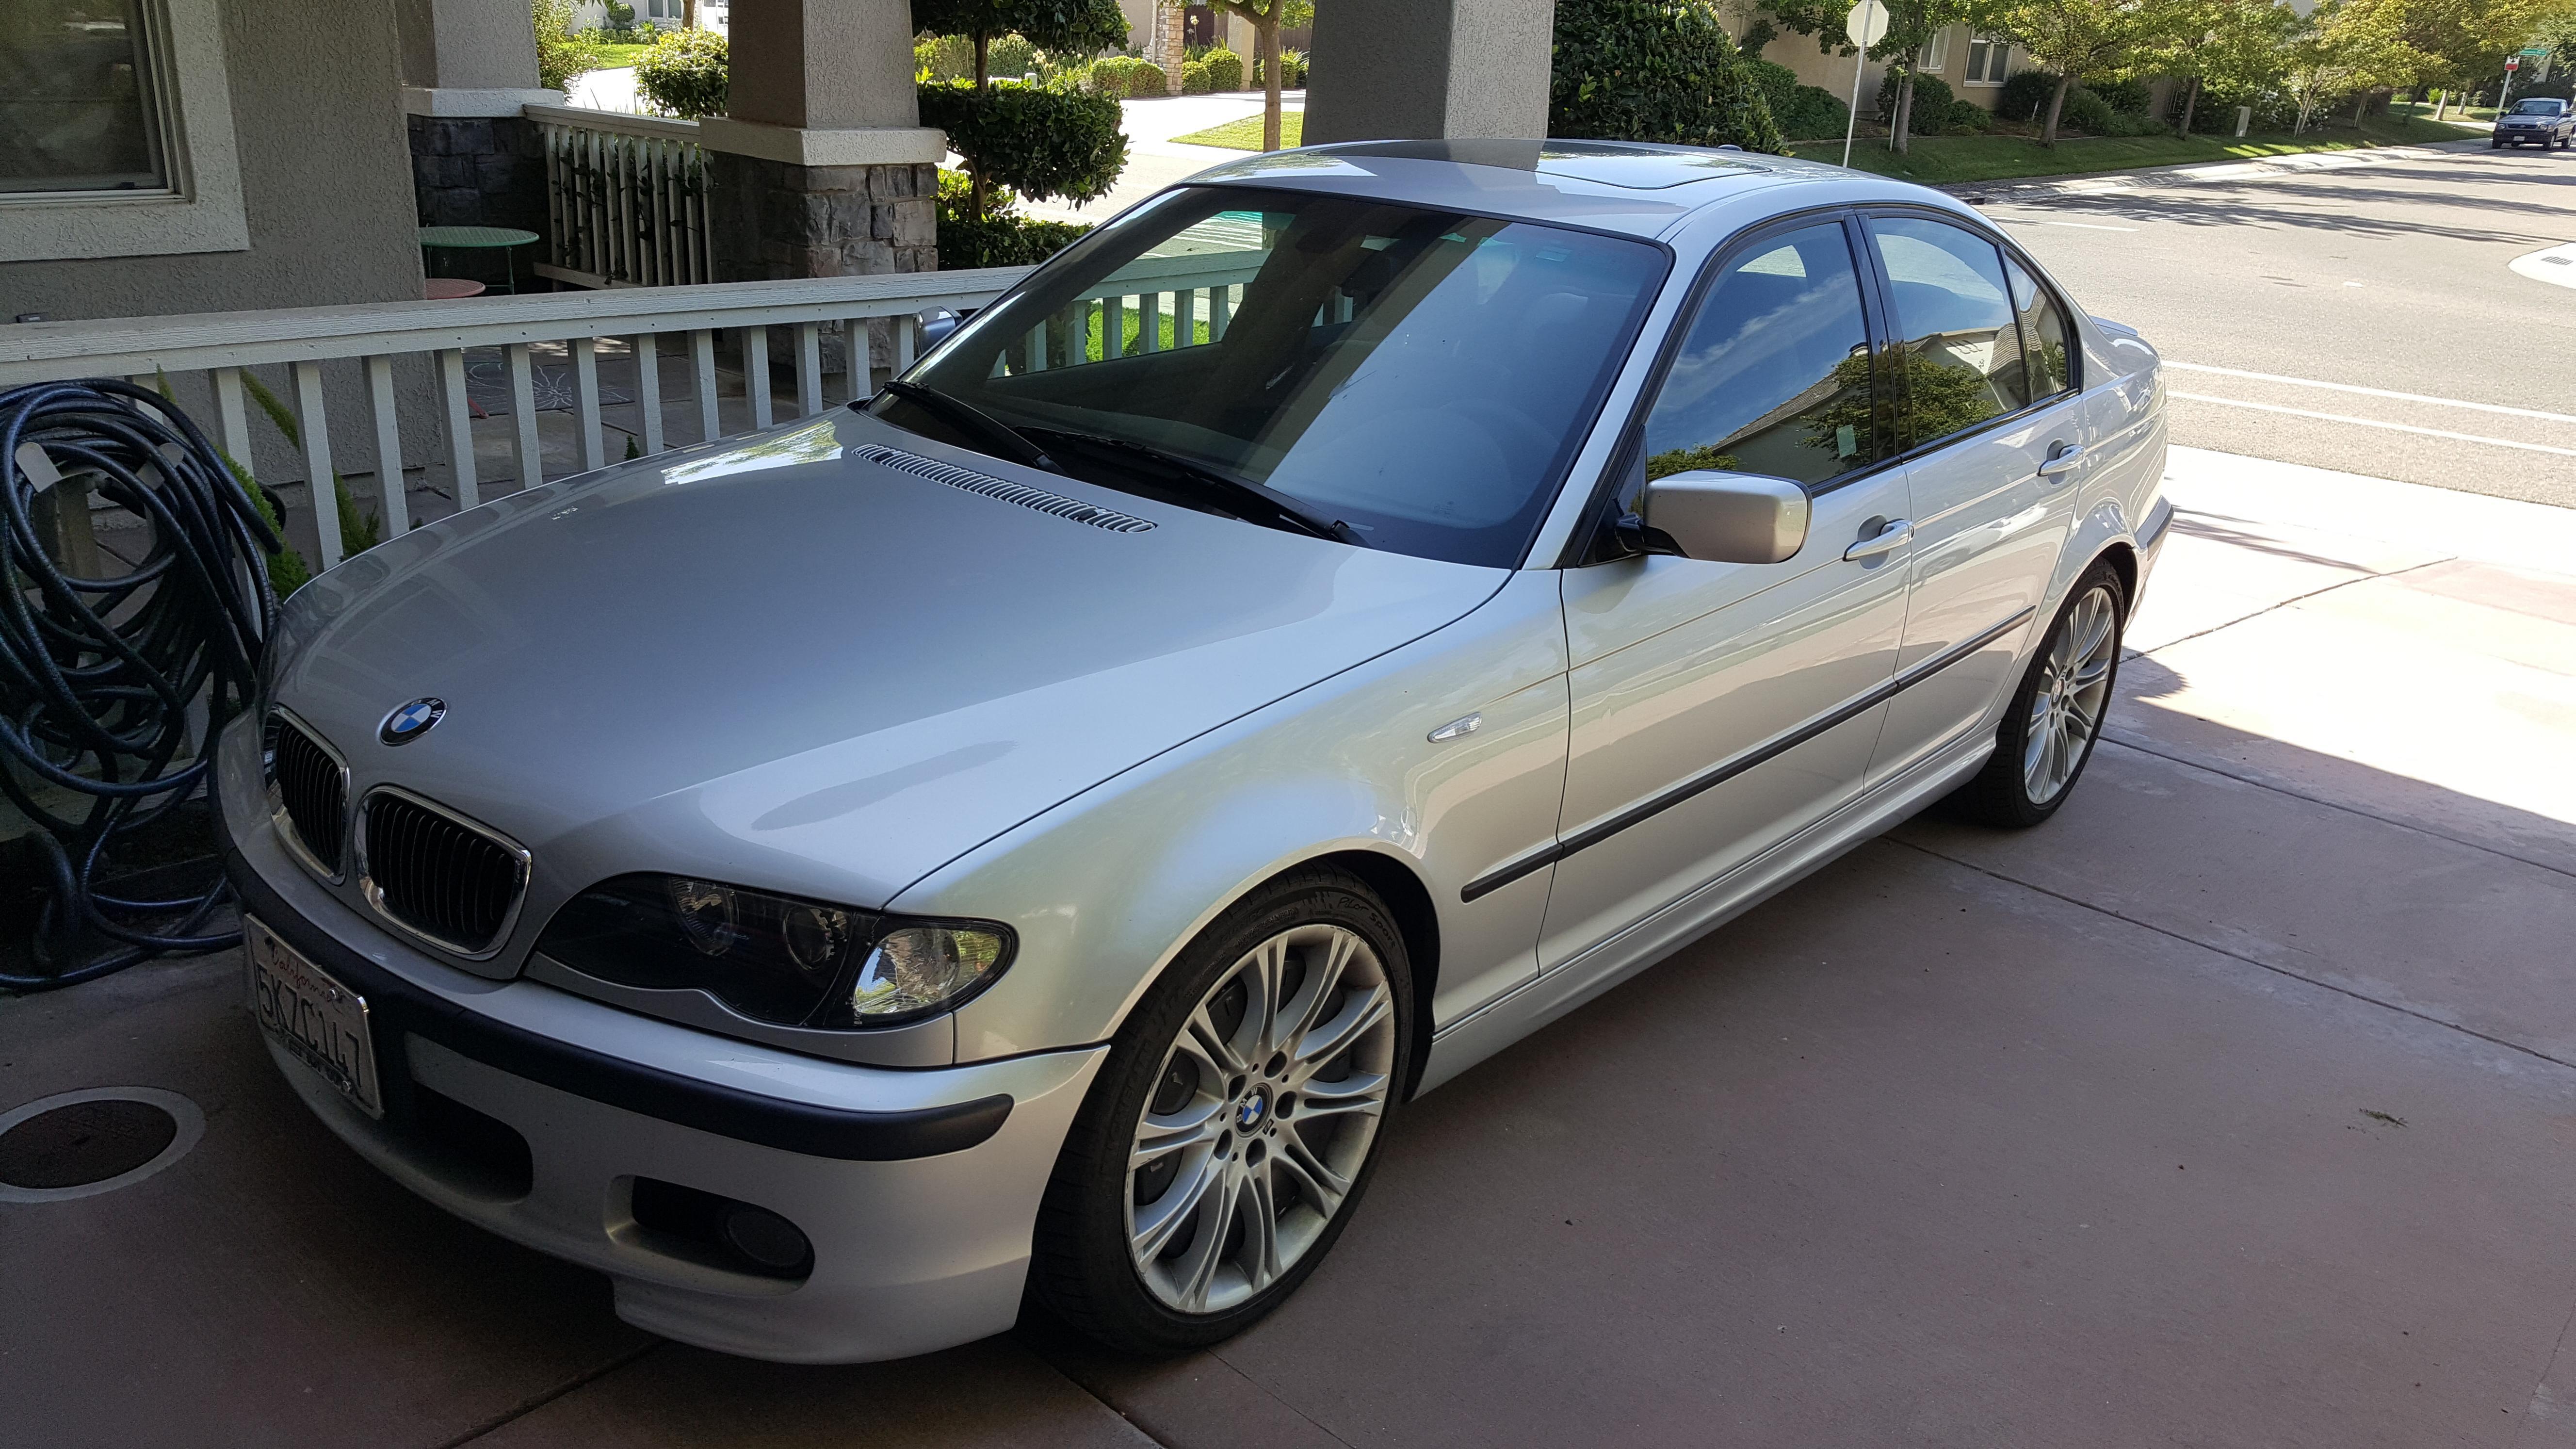 2005 BMW 330i 6MT NAV Premium Pkg 2nd owner 59K Original Miles